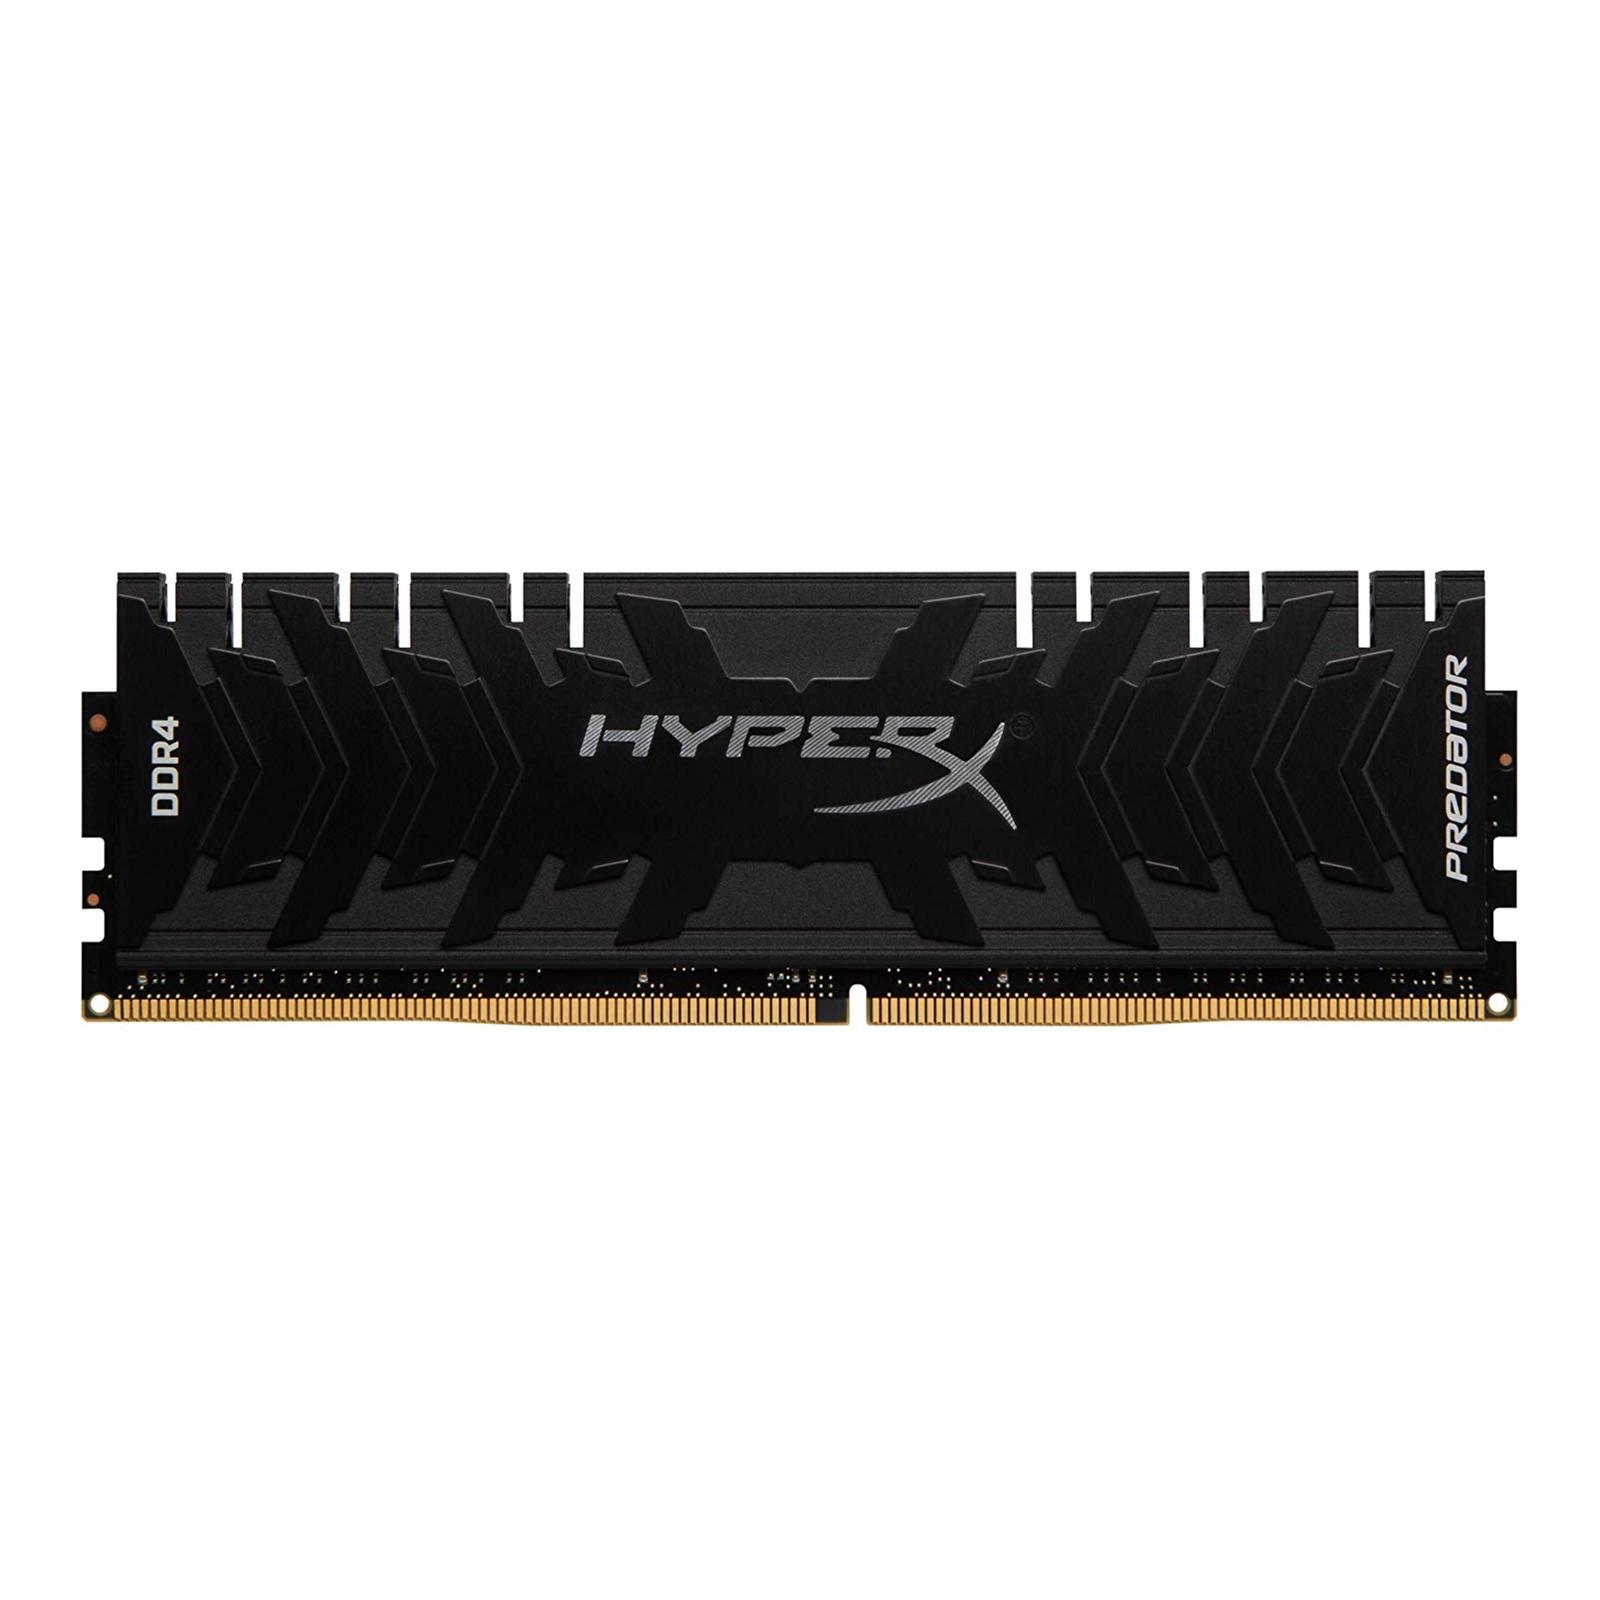 Модуль пам'яті для комп'ютера DDR4 8GB 3333 MHz HyperX Predator Black HyperX (Kingston Fury) (HX433C16PB3/8)